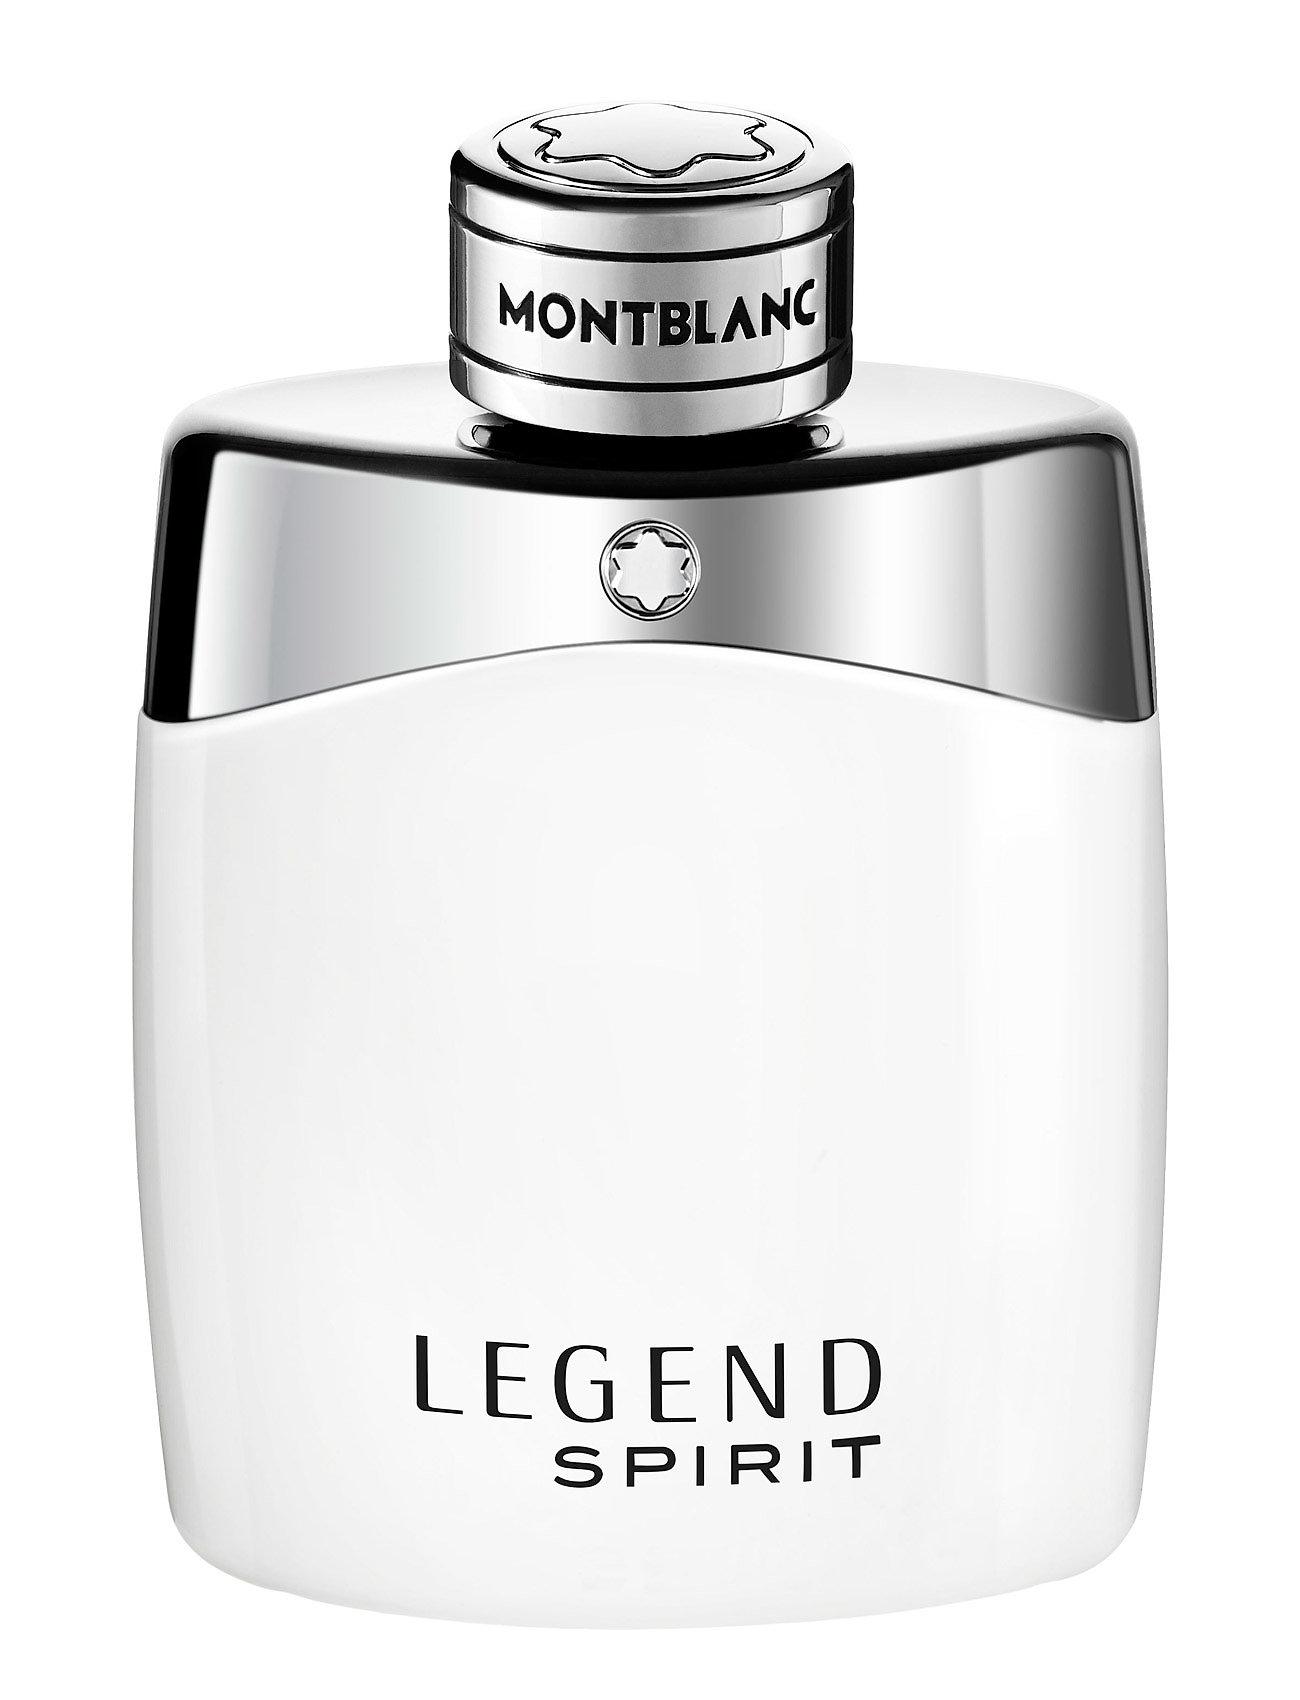 mont blanc – Legend spirit eau de toilette på boozt.com dk